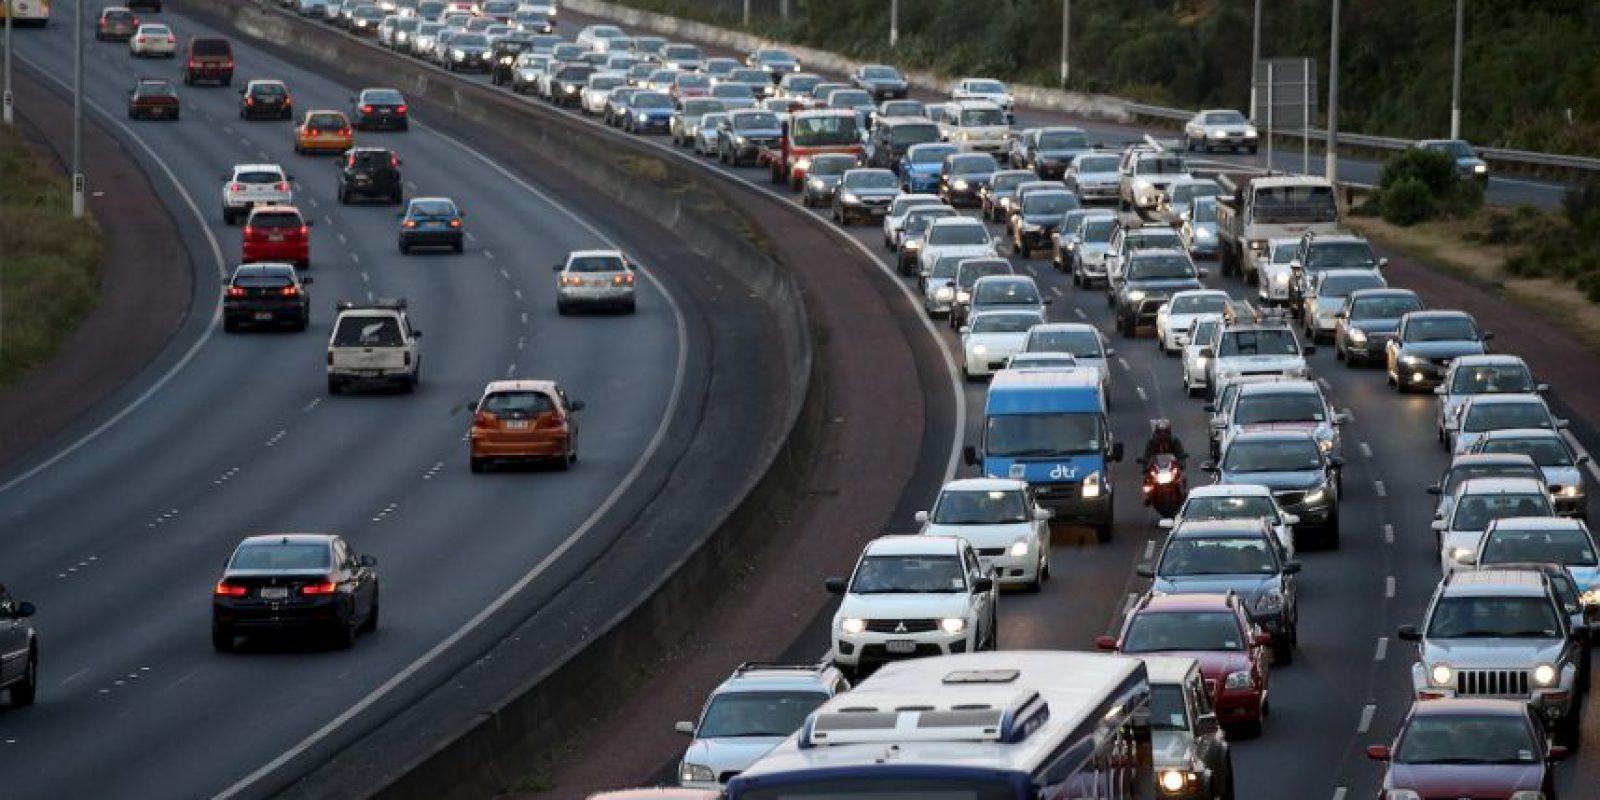 10. Controlar la temperatura dentro del automóvil: Un exceso de temperatura podría alterar su estado de ánimo Foto:Getty Images